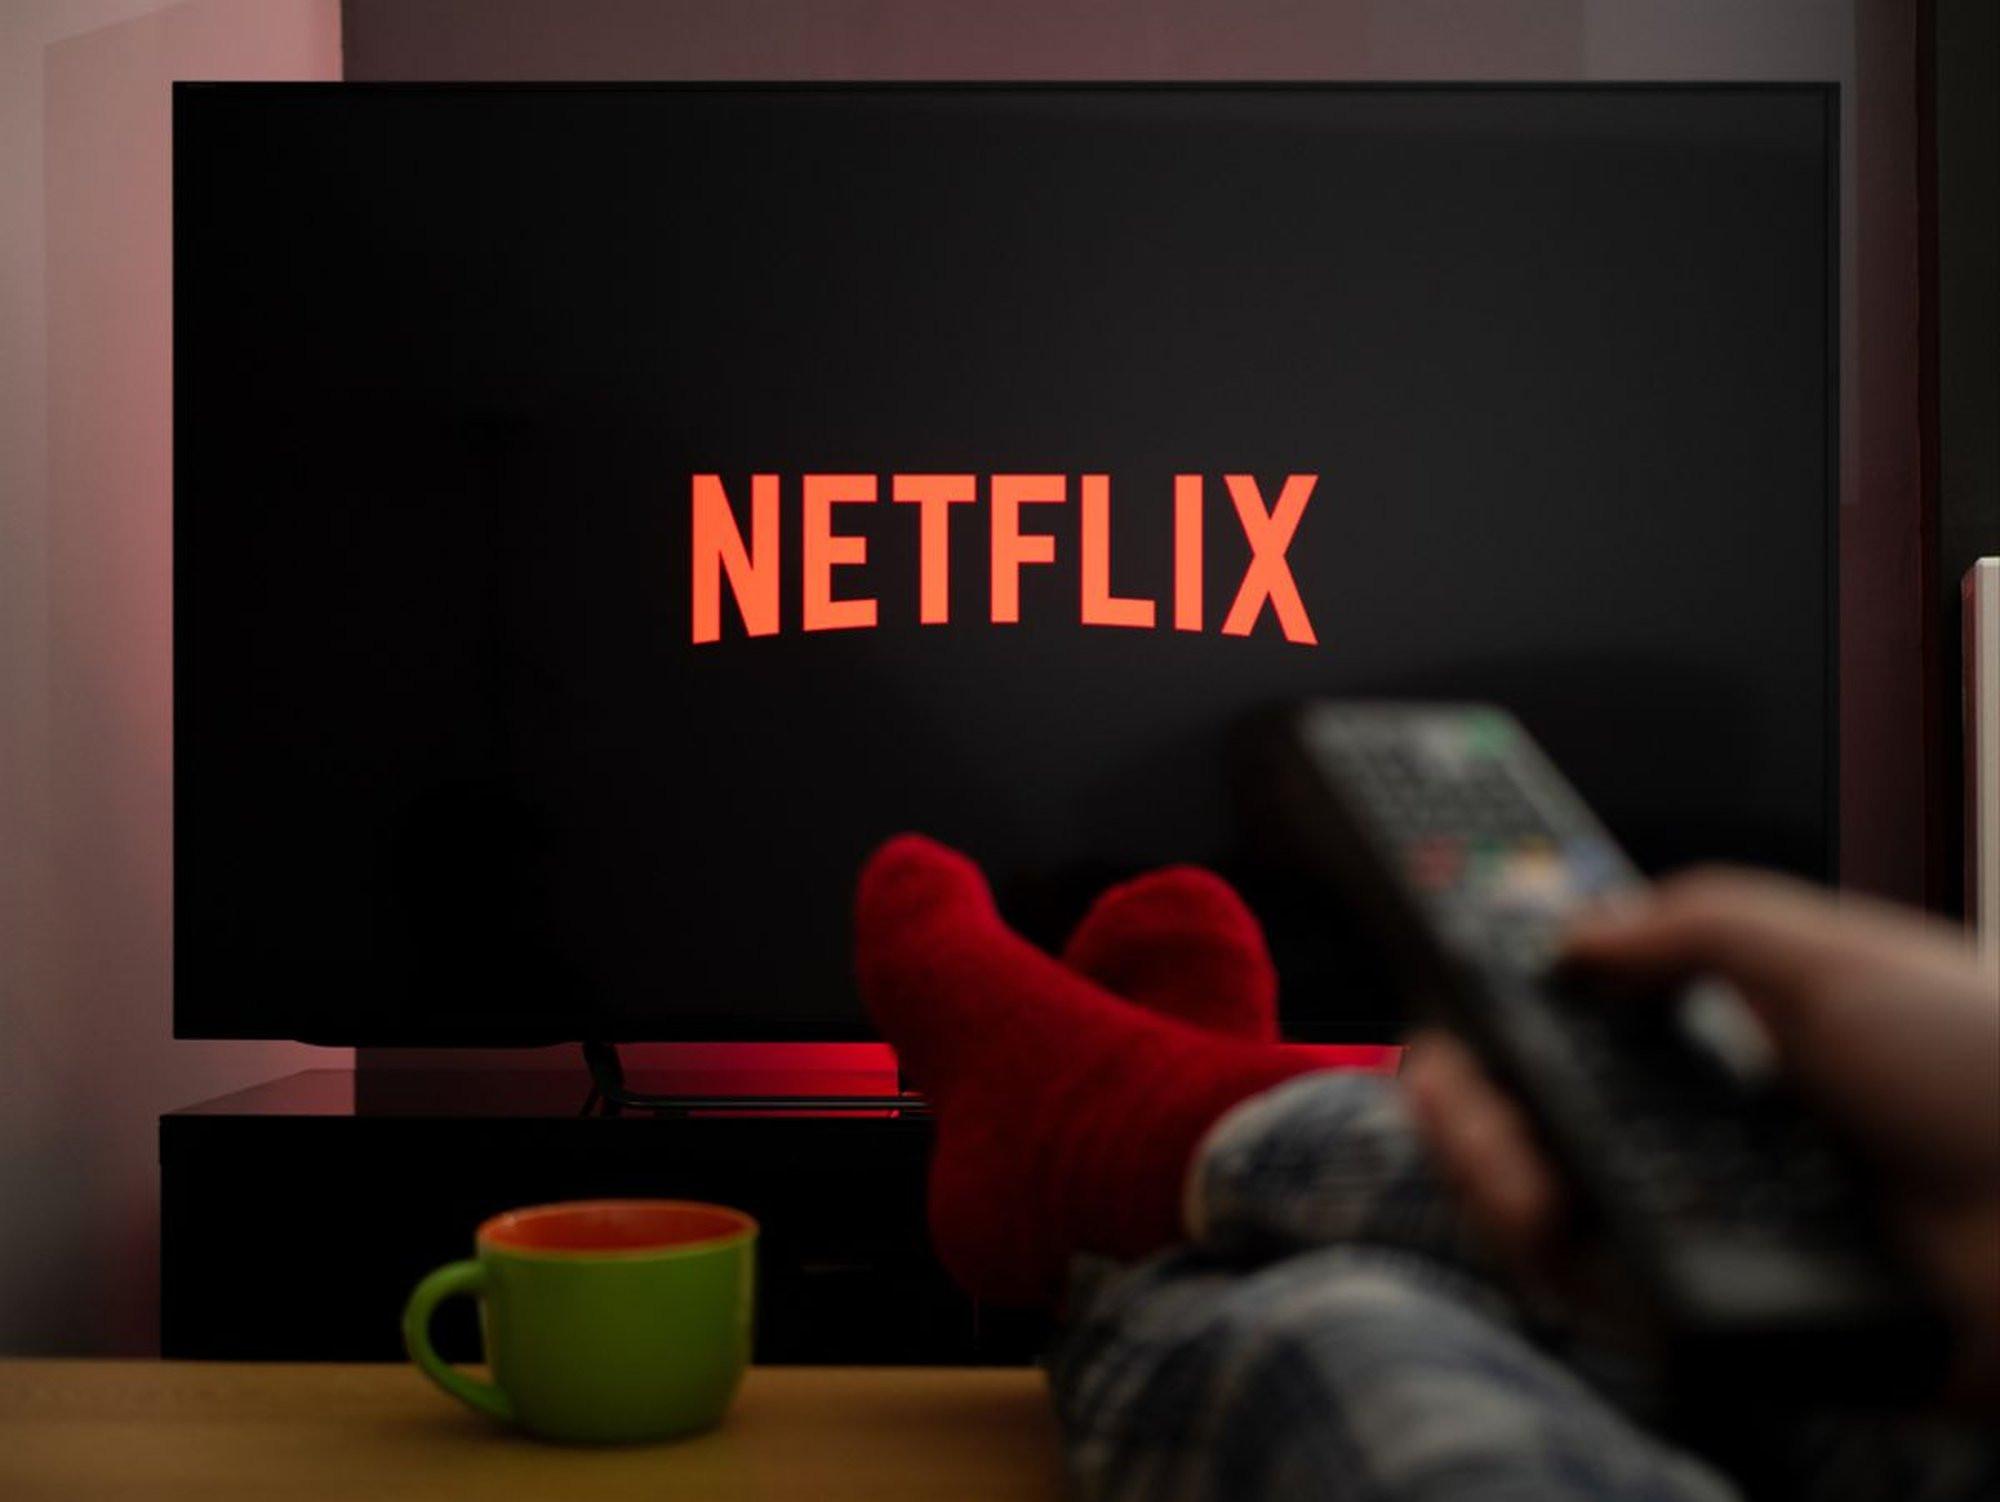 Netflix en çok izlenen dizi ve filmler açıklandı